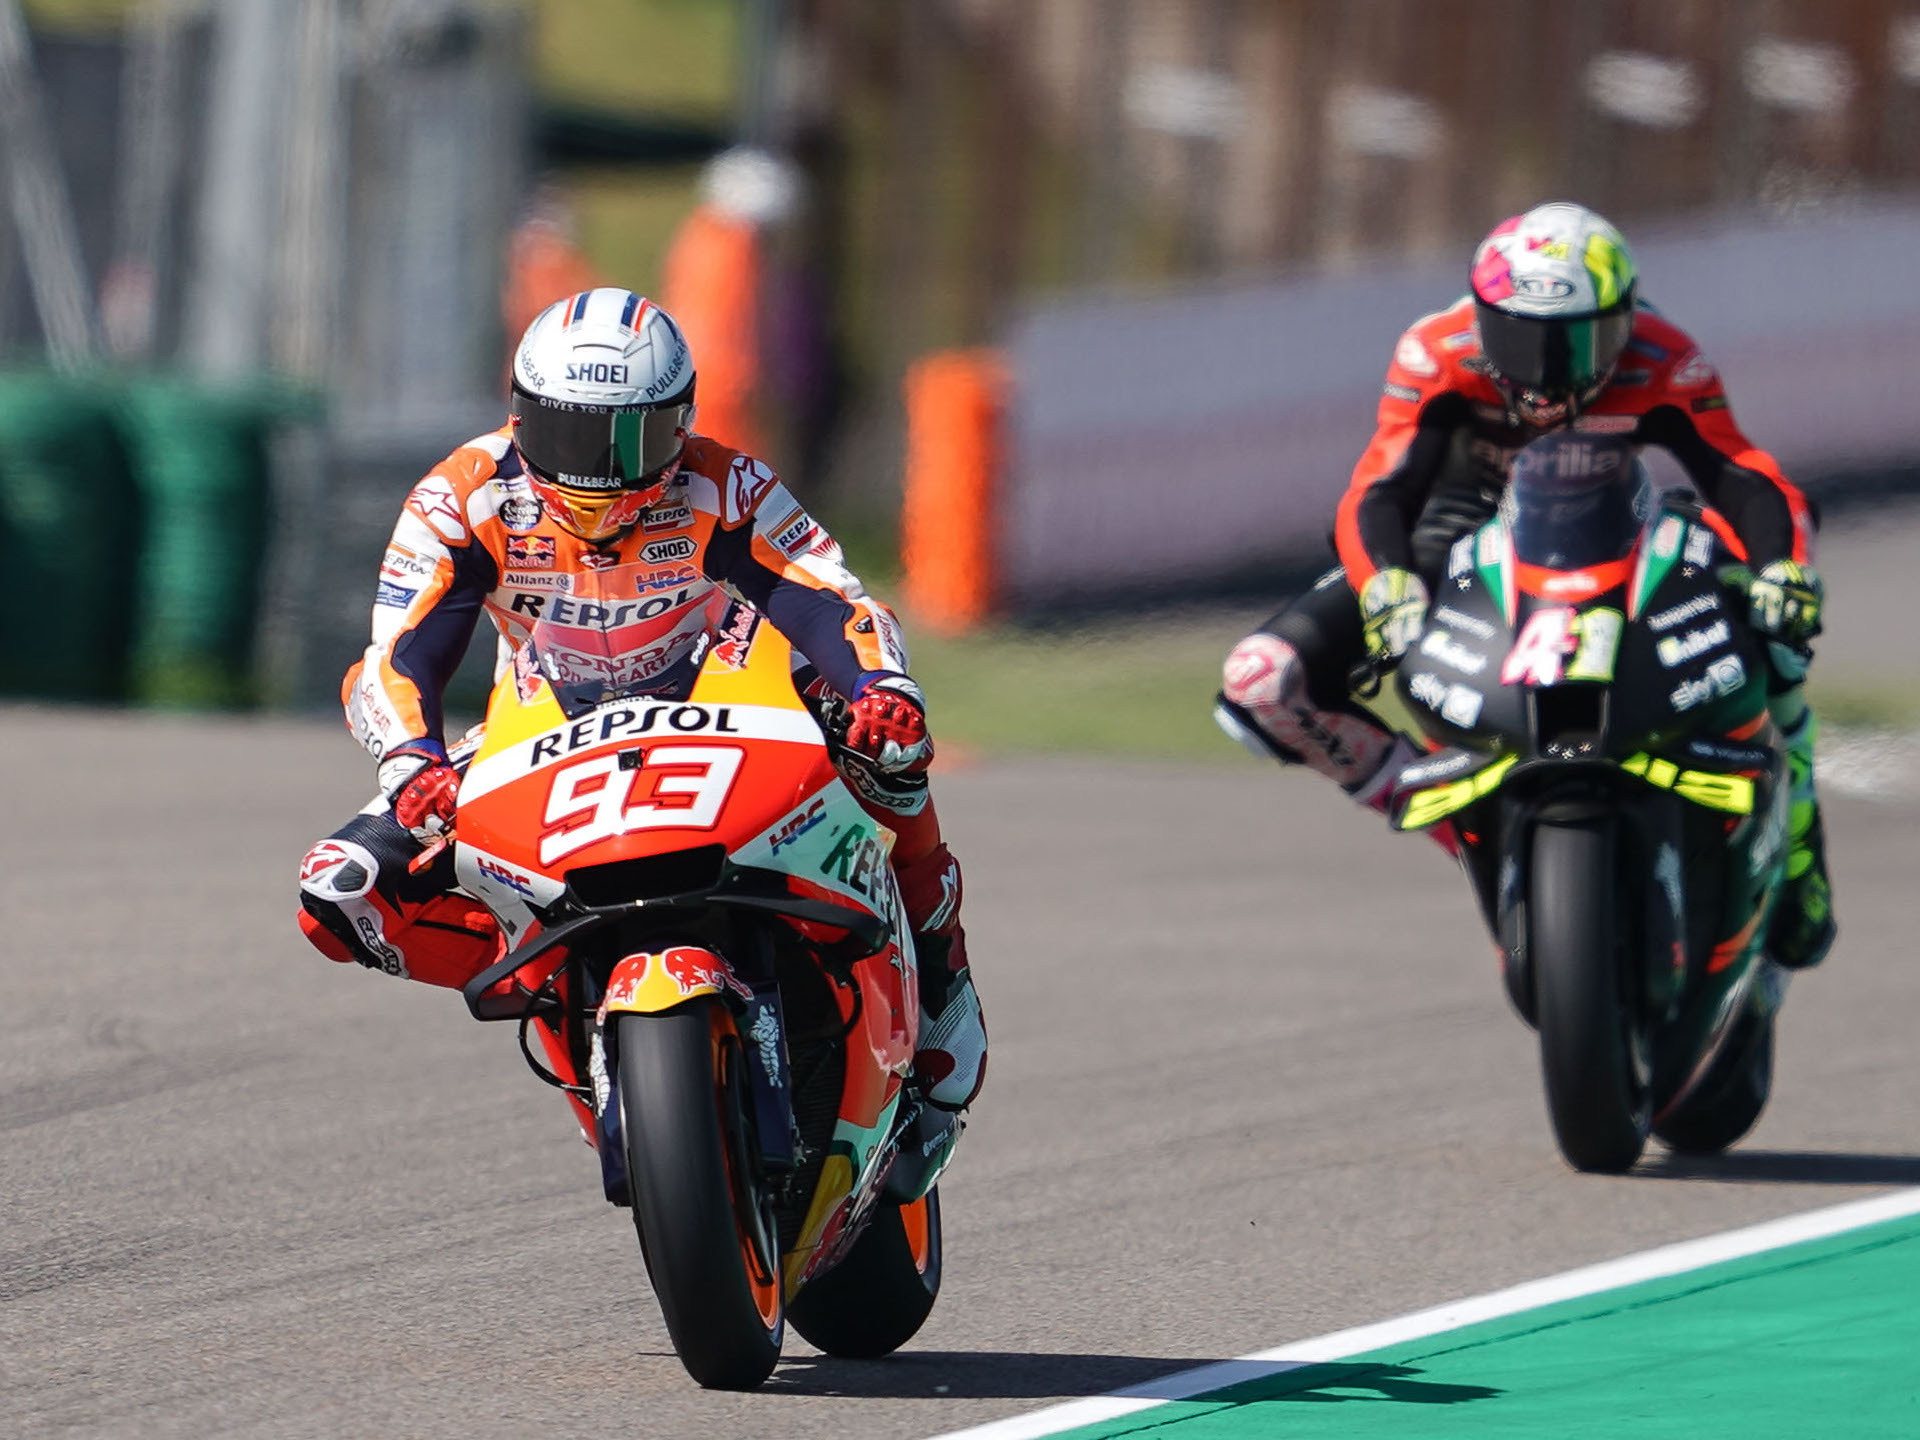 """""""Mal ejemplo damos así"""". (Vídeo) Pilotos de MotoGP esperando rueda en la Q2 de Alemania. Reacciones"""